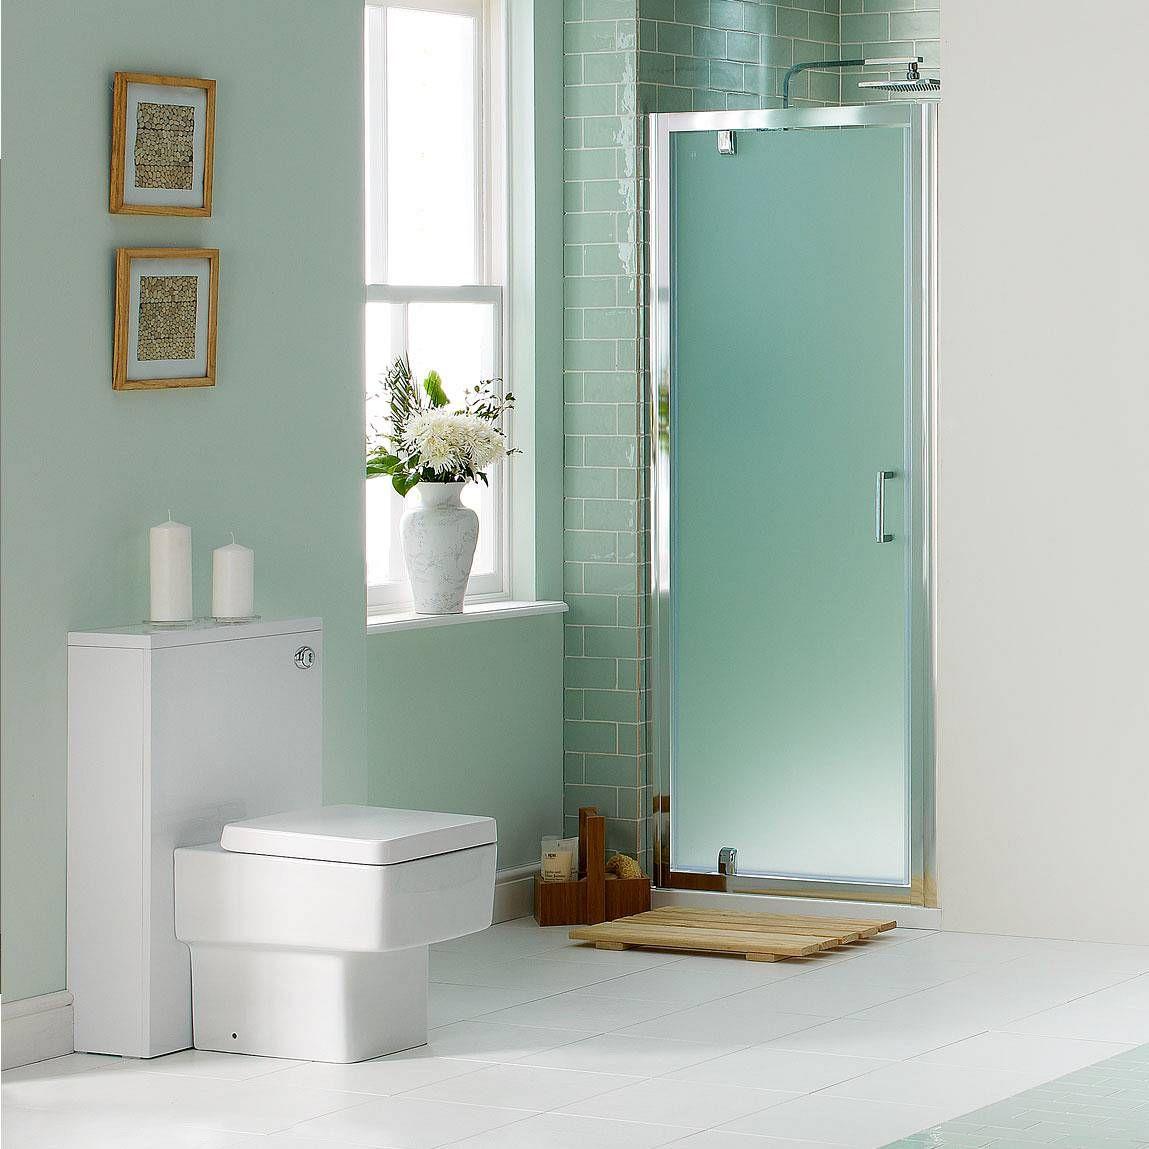 Frosted glass door bathroom - Bathroom Glass Door Design